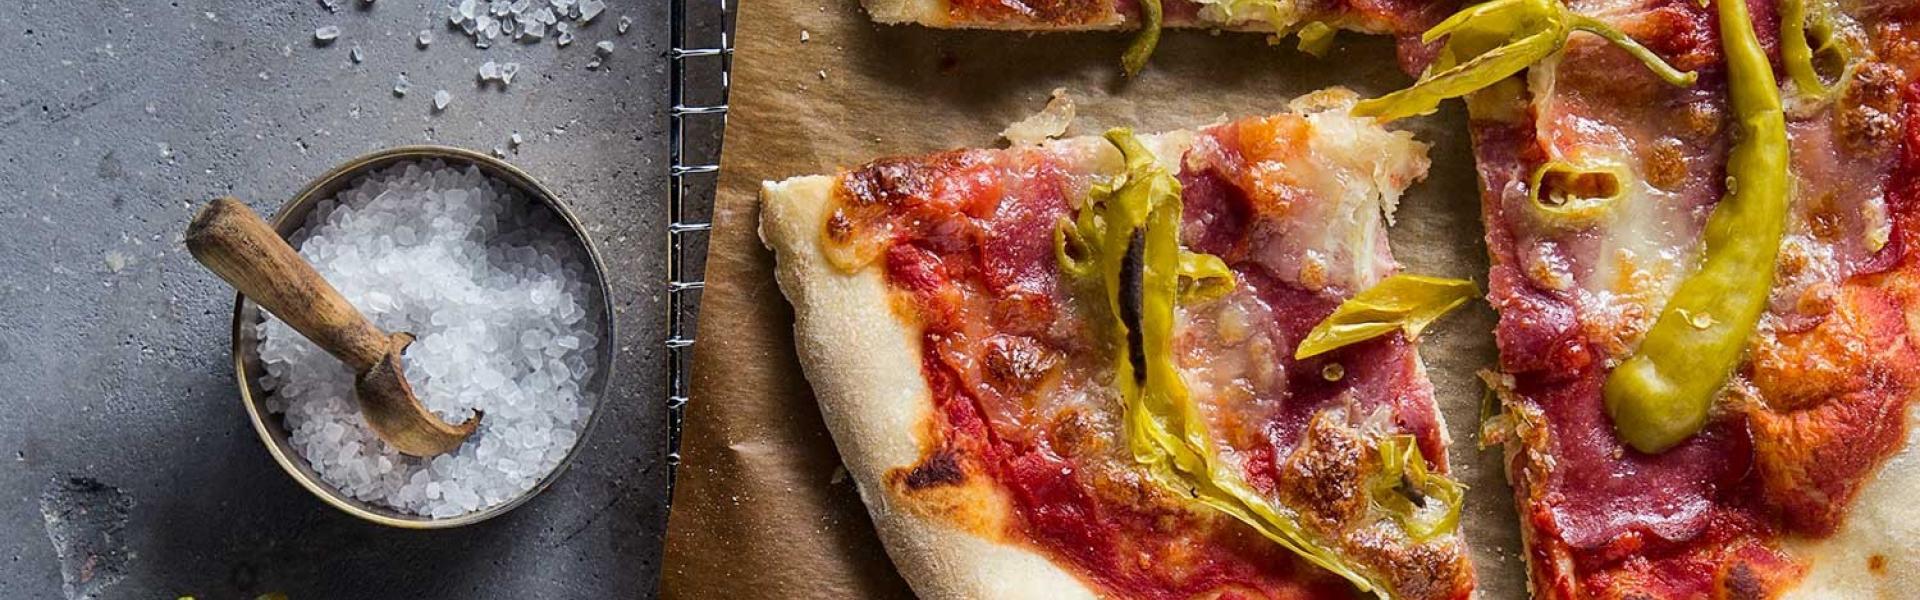 Pizza Diavolo angeschnitten auf einem Stück Backpapier.